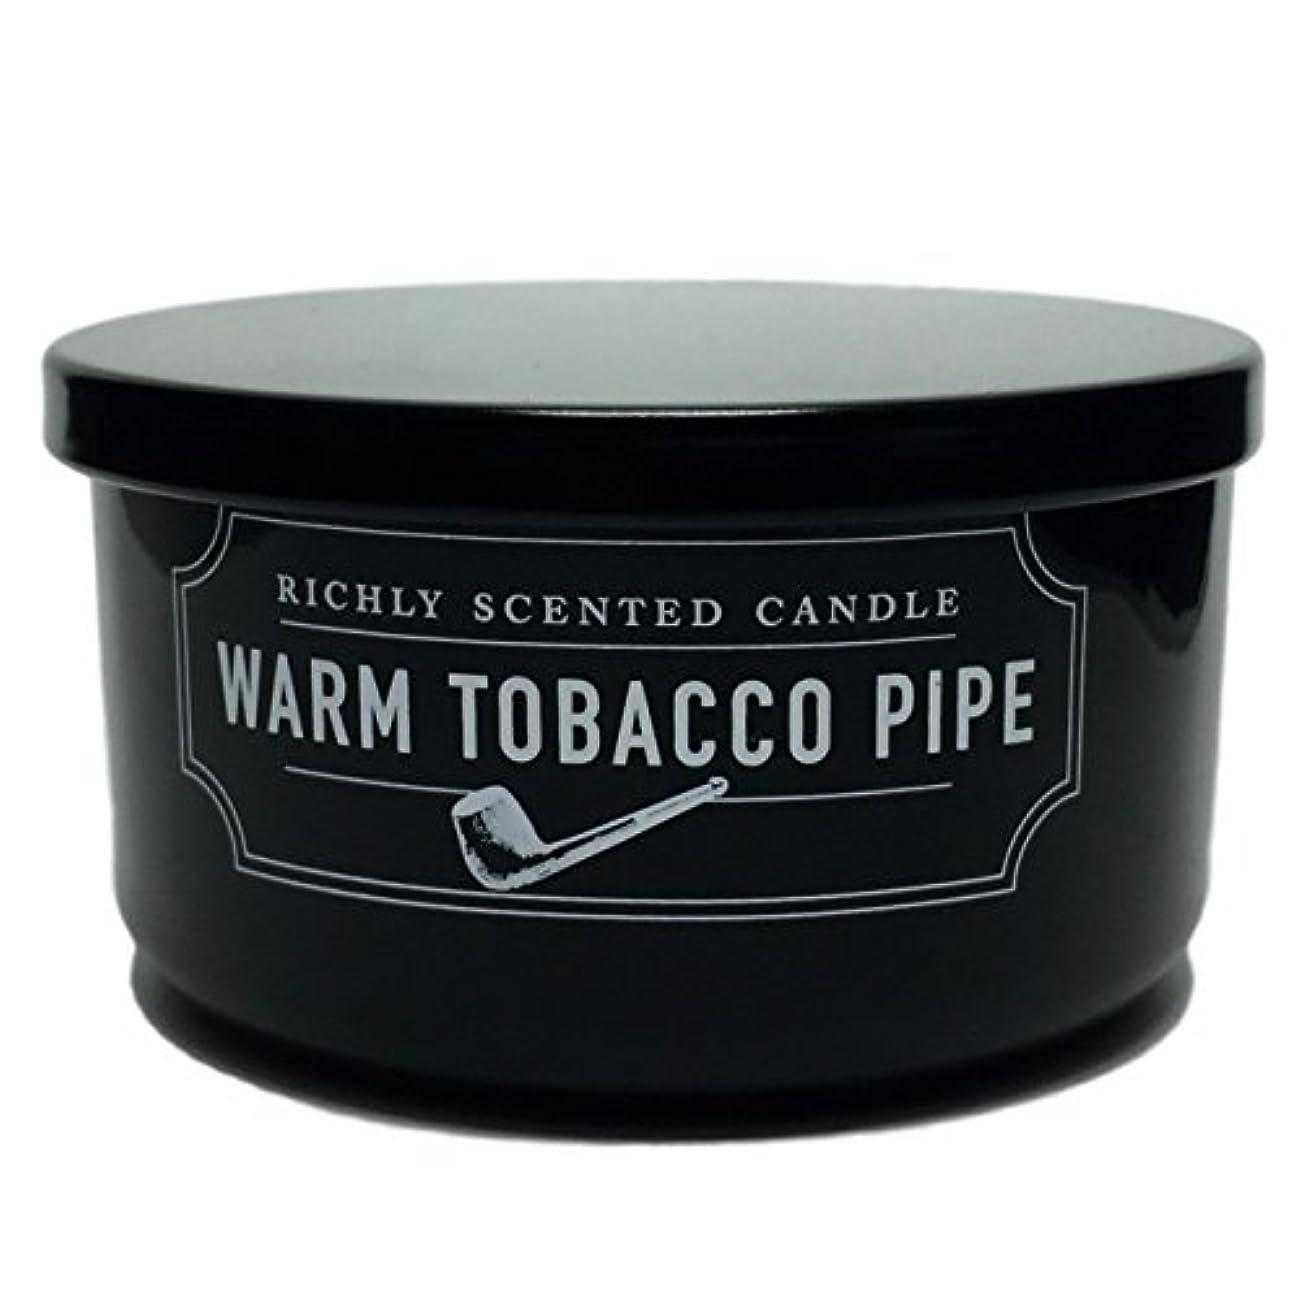 脳四回学んだDWホーム暖かいタバコパイプ豊かな香り2 Wick Candle Smallサイズ